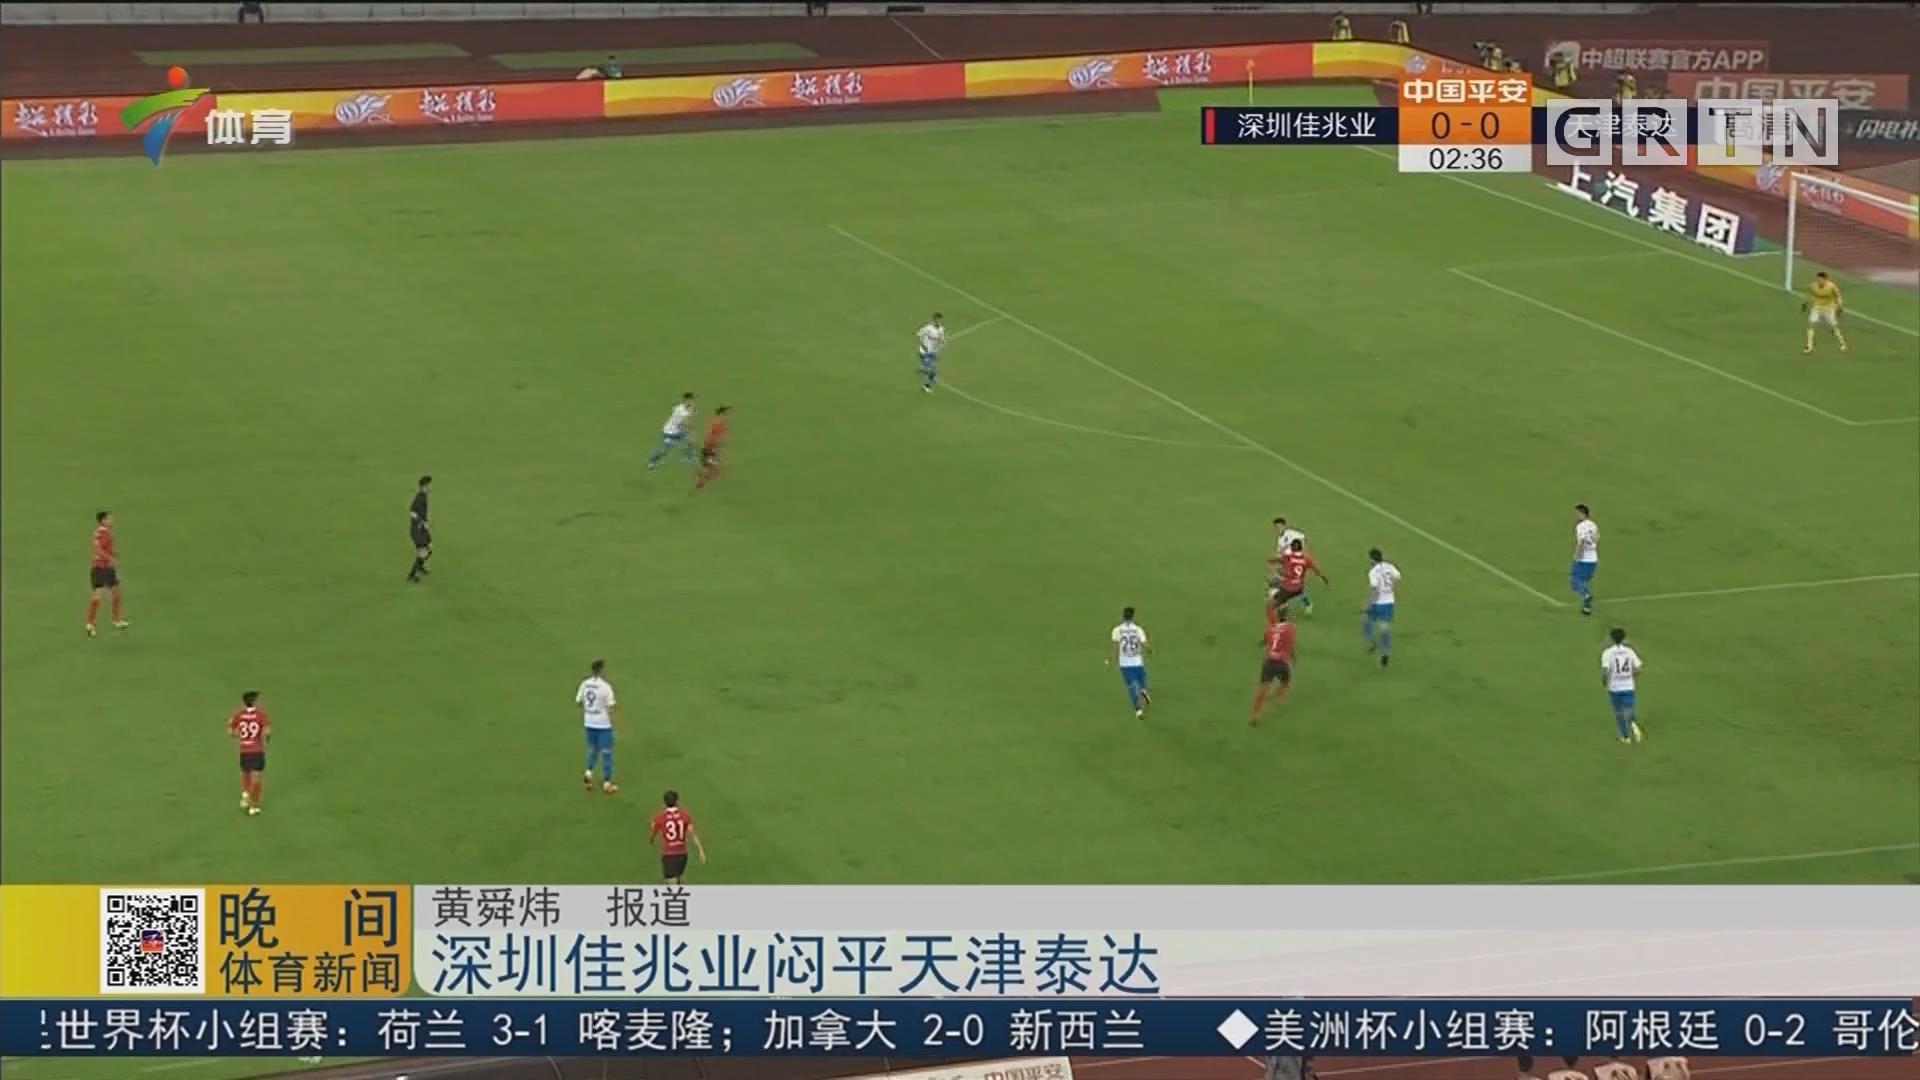 深圳佳兆业闷平天津泰达